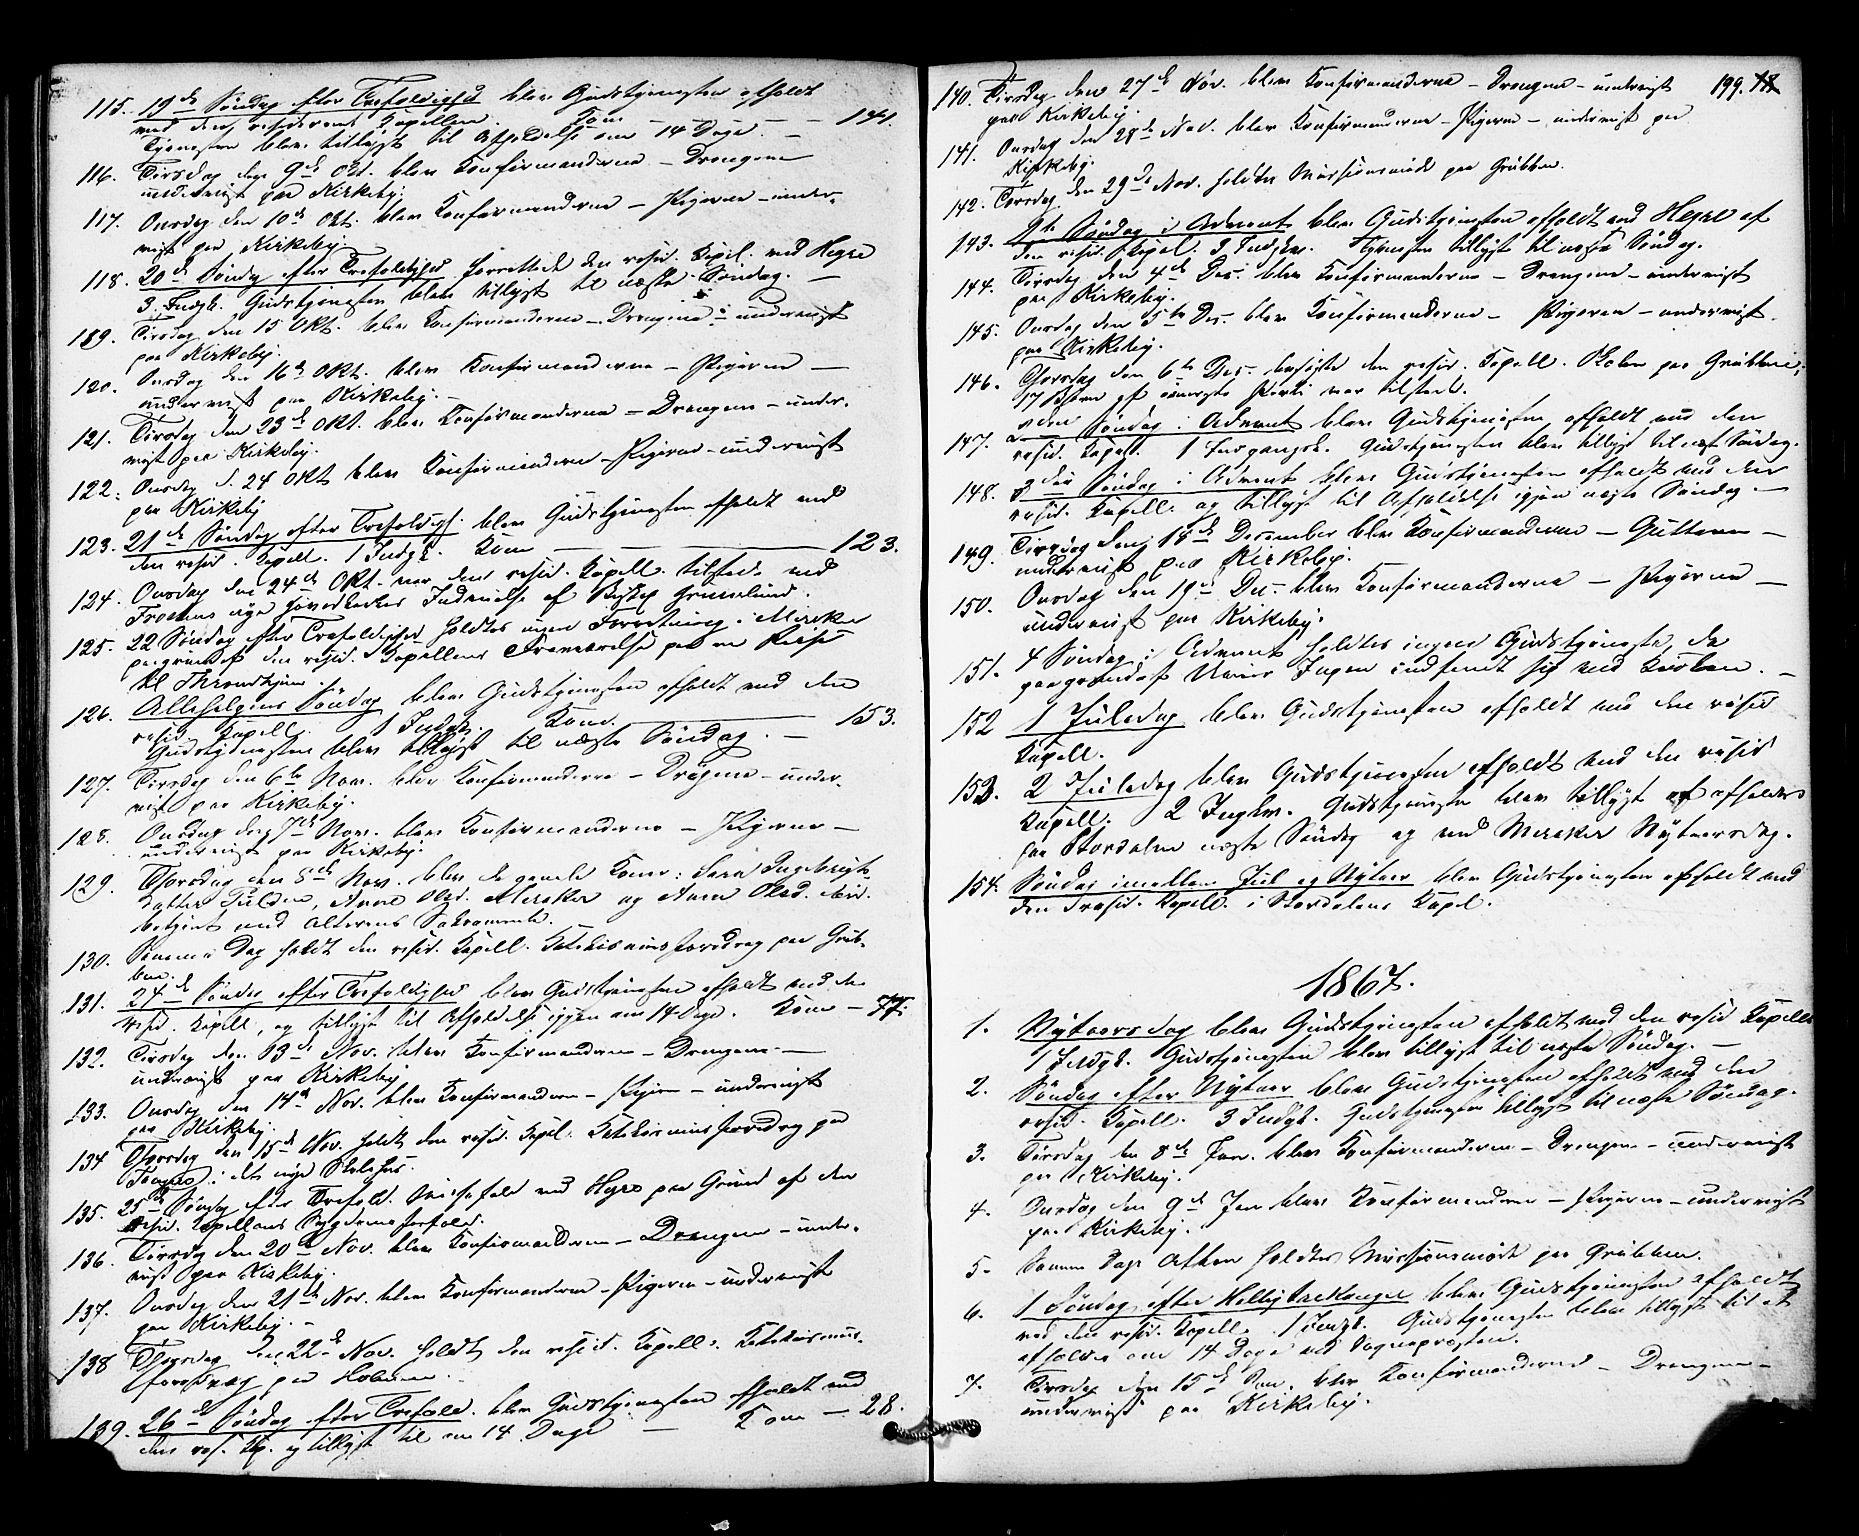 SAT, Ministerialprotokoller, klokkerbøker og fødselsregistre - Nord-Trøndelag, 706/L0041: Ministerialbok nr. 706A02, 1862-1877, s. 199